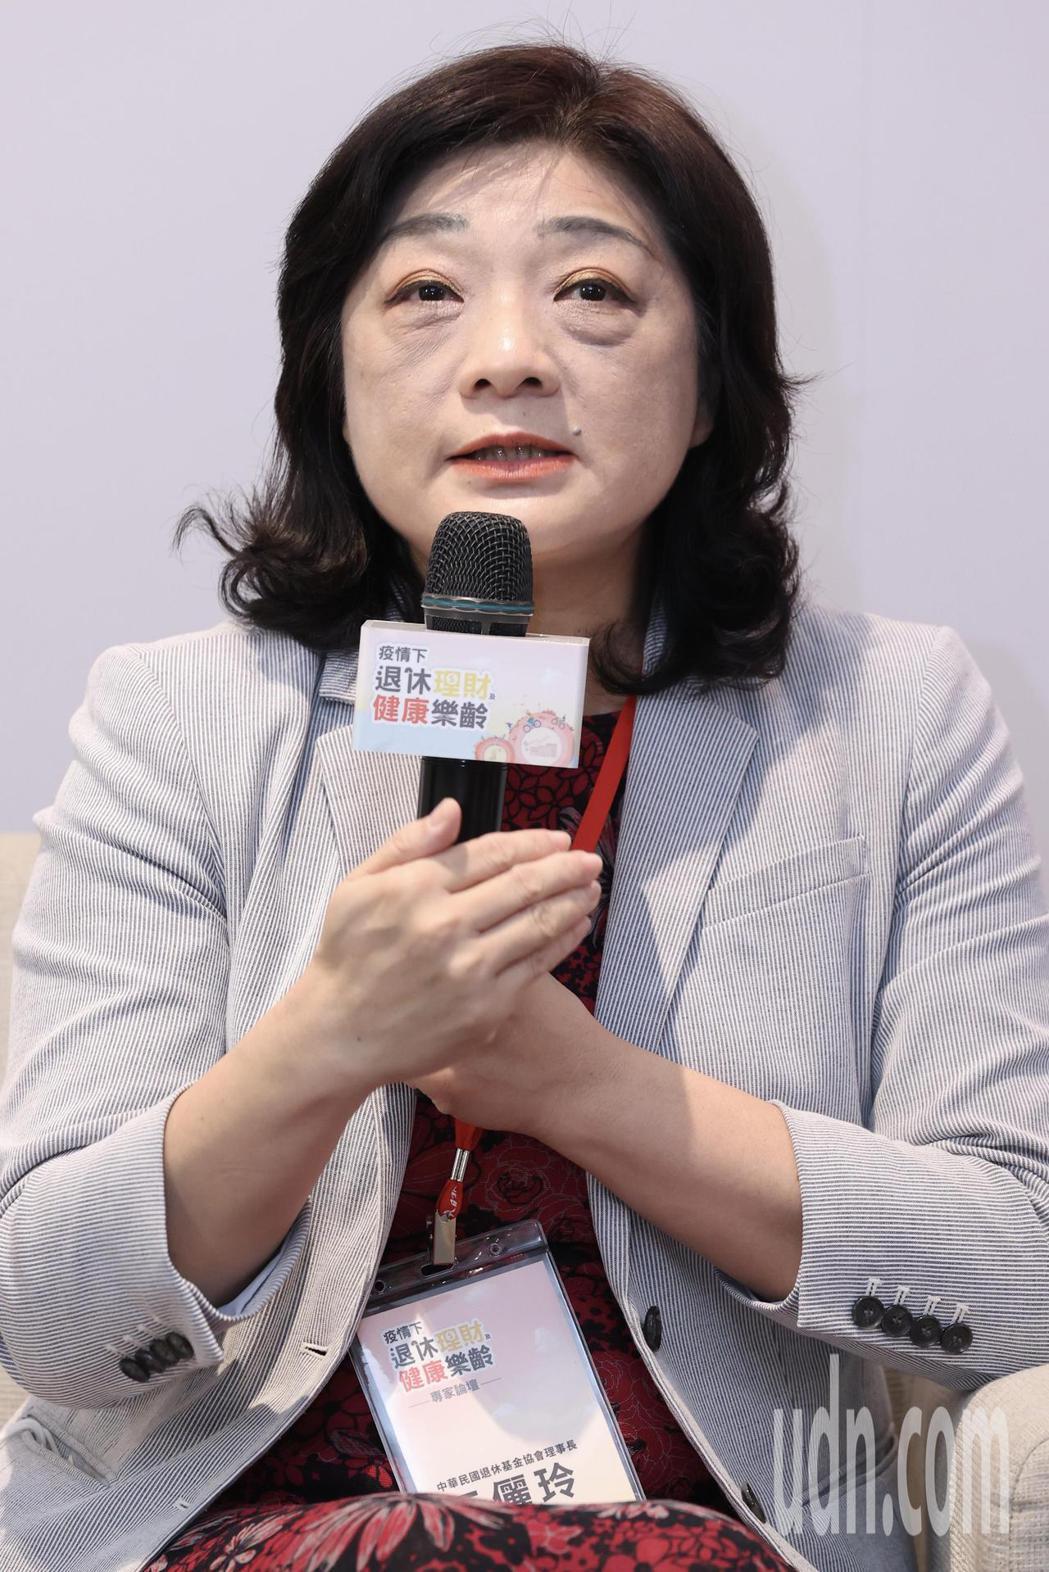 中華民國退休基金協會理事長王儷玲。記者林俊良/攝影